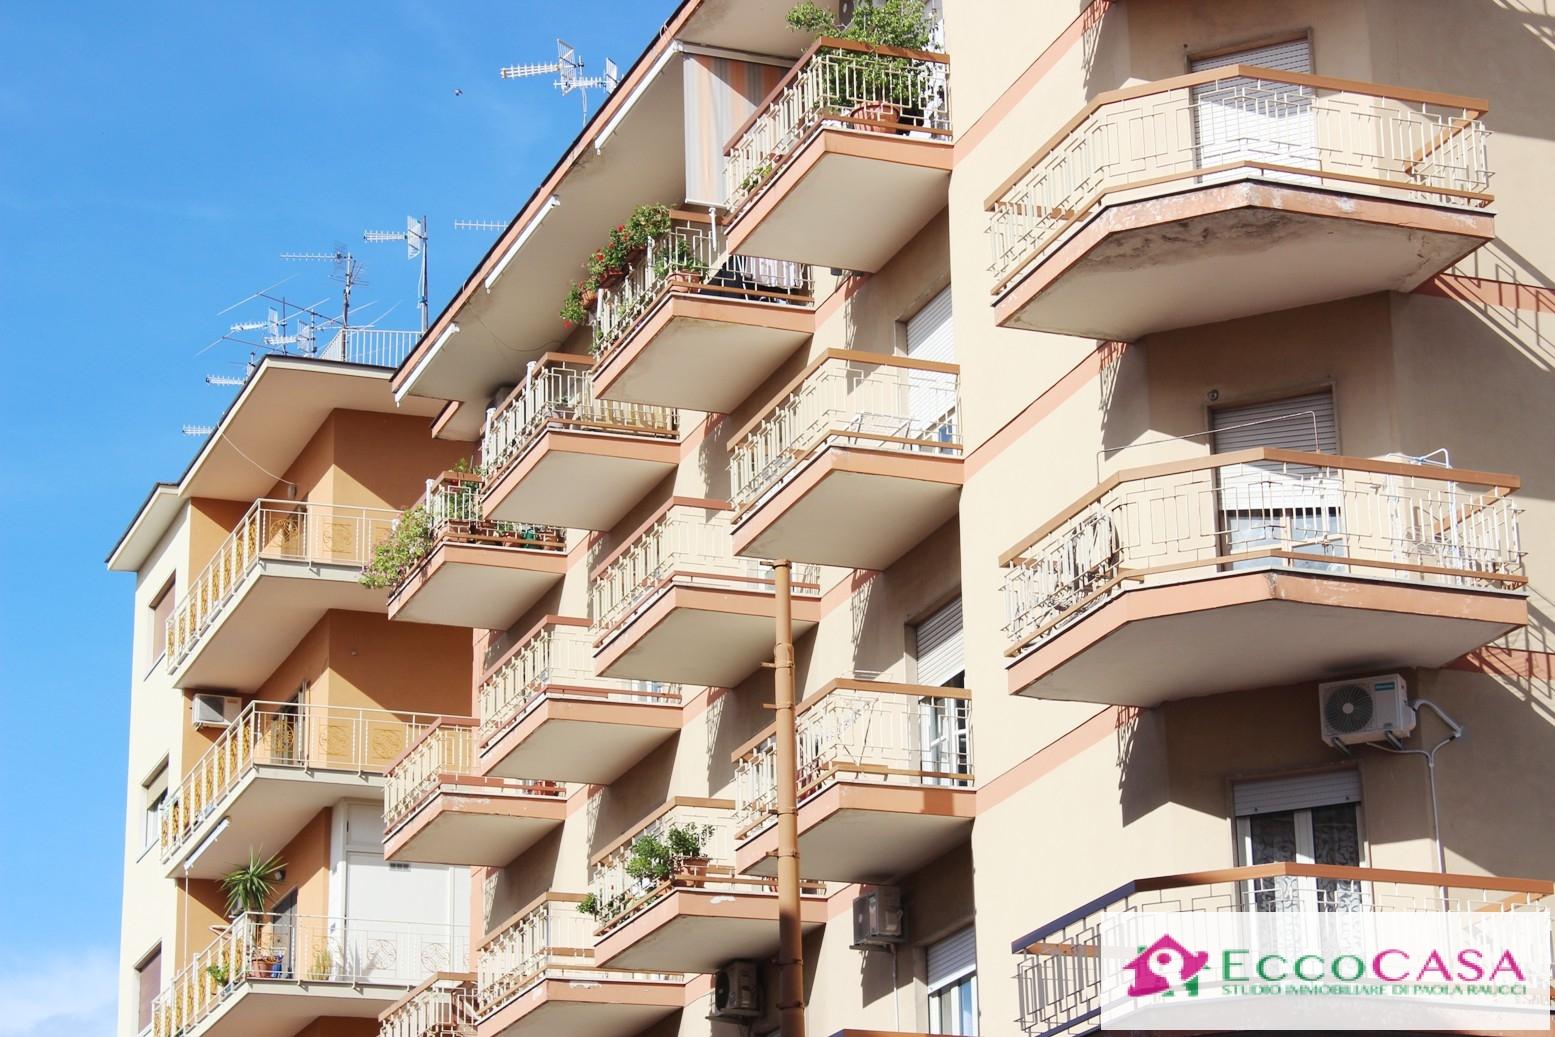 Appartamento in vendita a Maddaloni, 4 locali, prezzo € 128.000 | CambioCasa.it